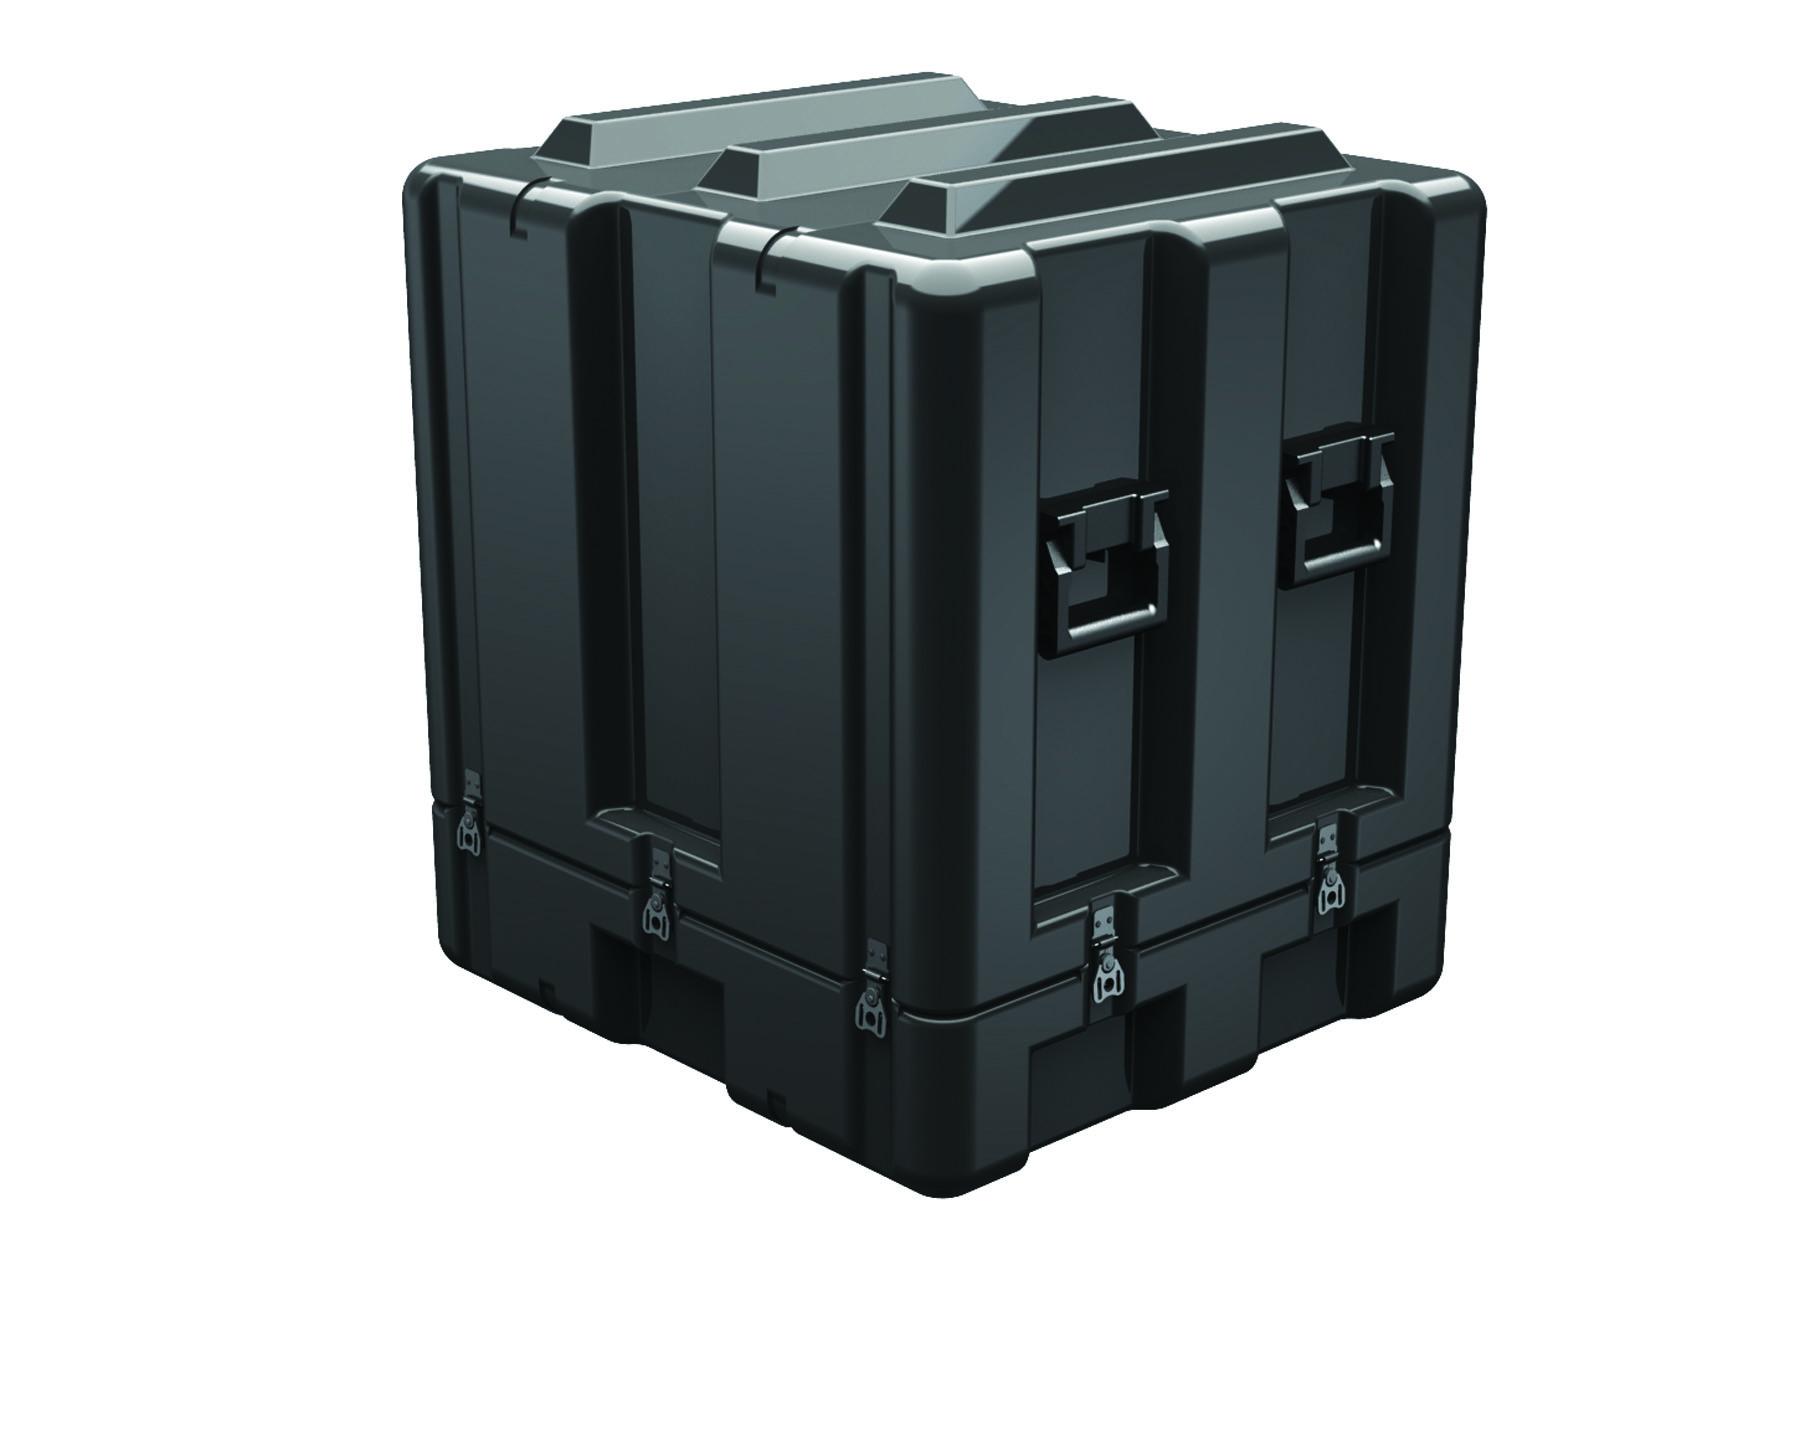 AL2624-0524 - AL2624-0524 Single Lid Case - CasesTSA